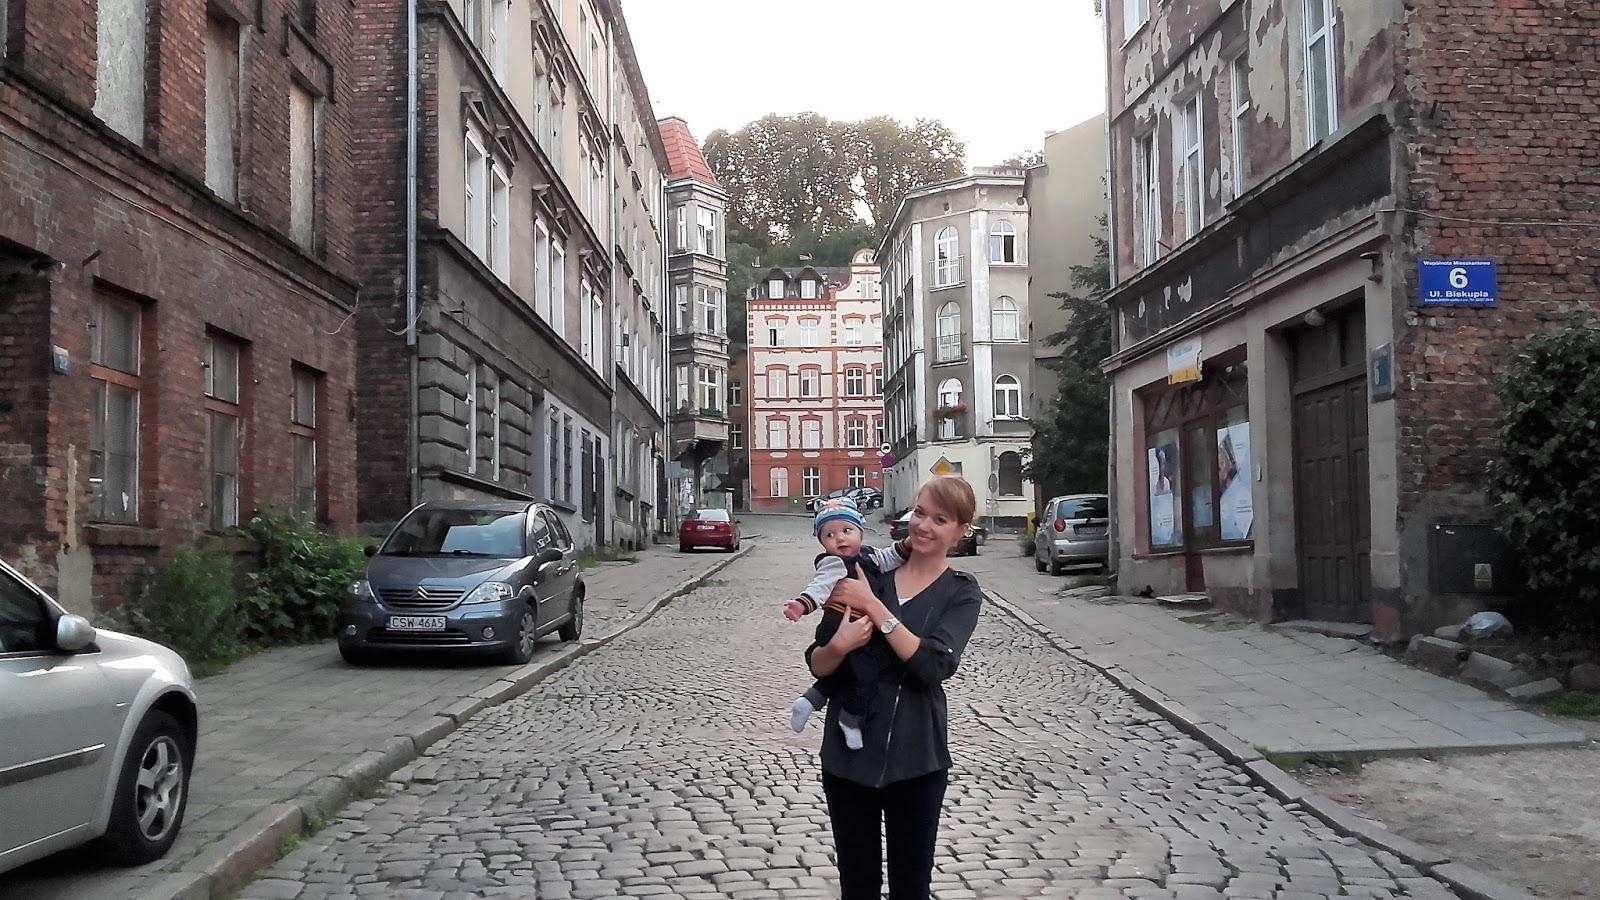 alternatywne zwiedzanie gdanska, biskupia gorka spacer, warto zobaczyc w gdansku biskupia gorke